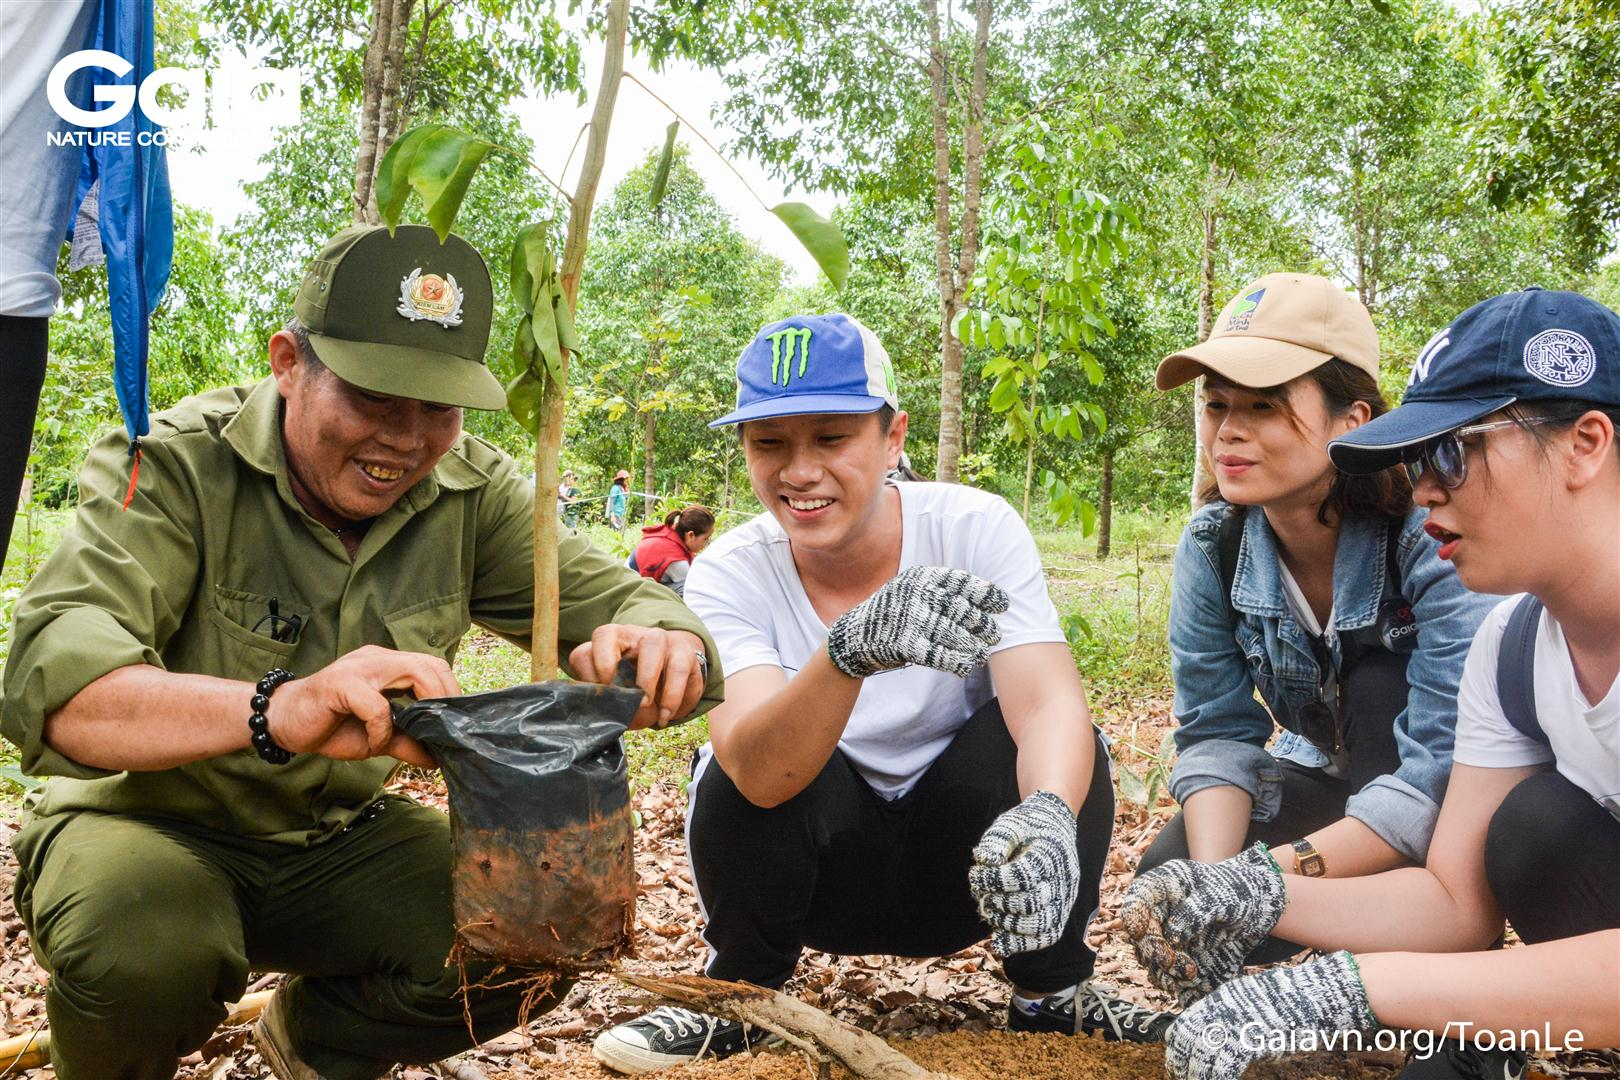 Cán bộ Khu Dự trữ Sinh quyển Thế giới Đồng Nai hướng dẫn trồng rừng